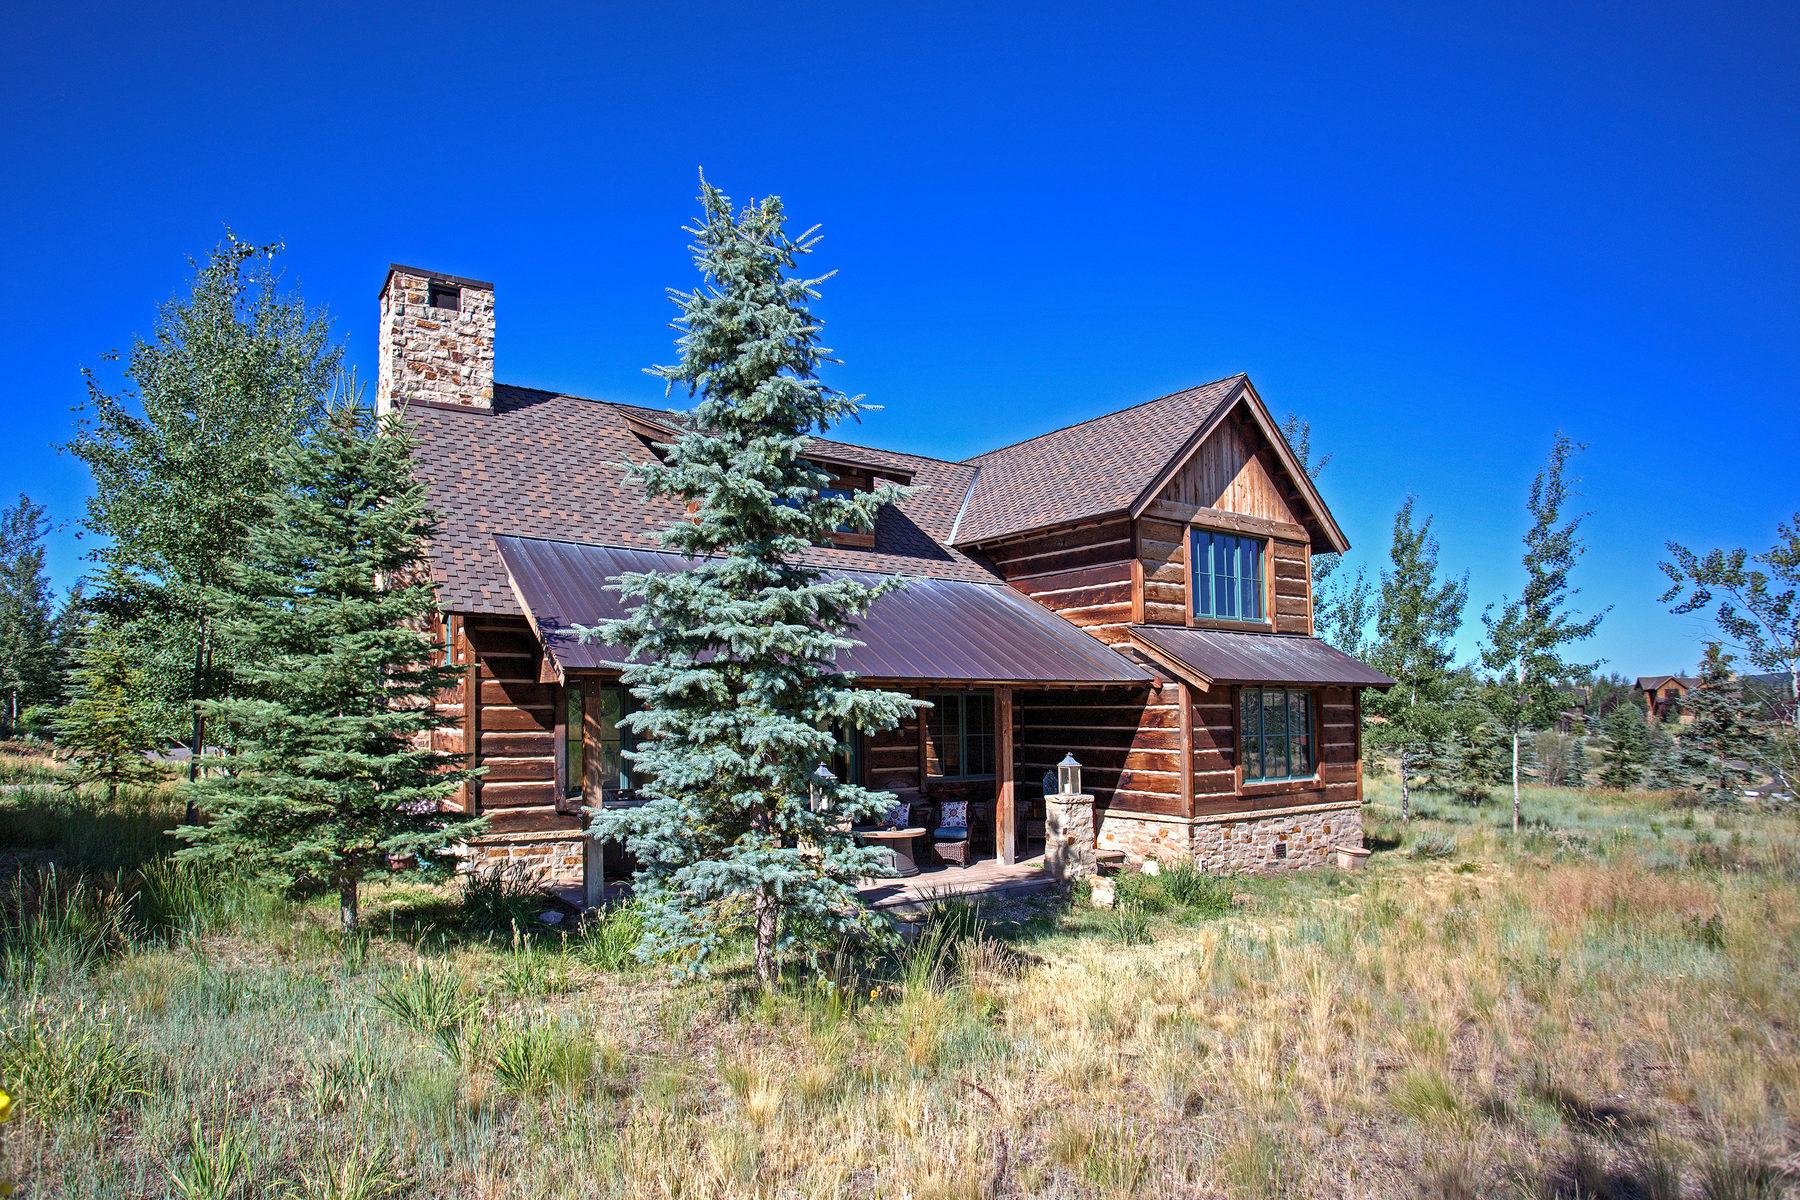 Частный односемейный дом для того Продажа на Exclusive Setting in the Trapper Cabin Neighborhood 7933 Chuck Wagon Ct Lot 61 Park City, Юта, 84098 Соединенные Штаты